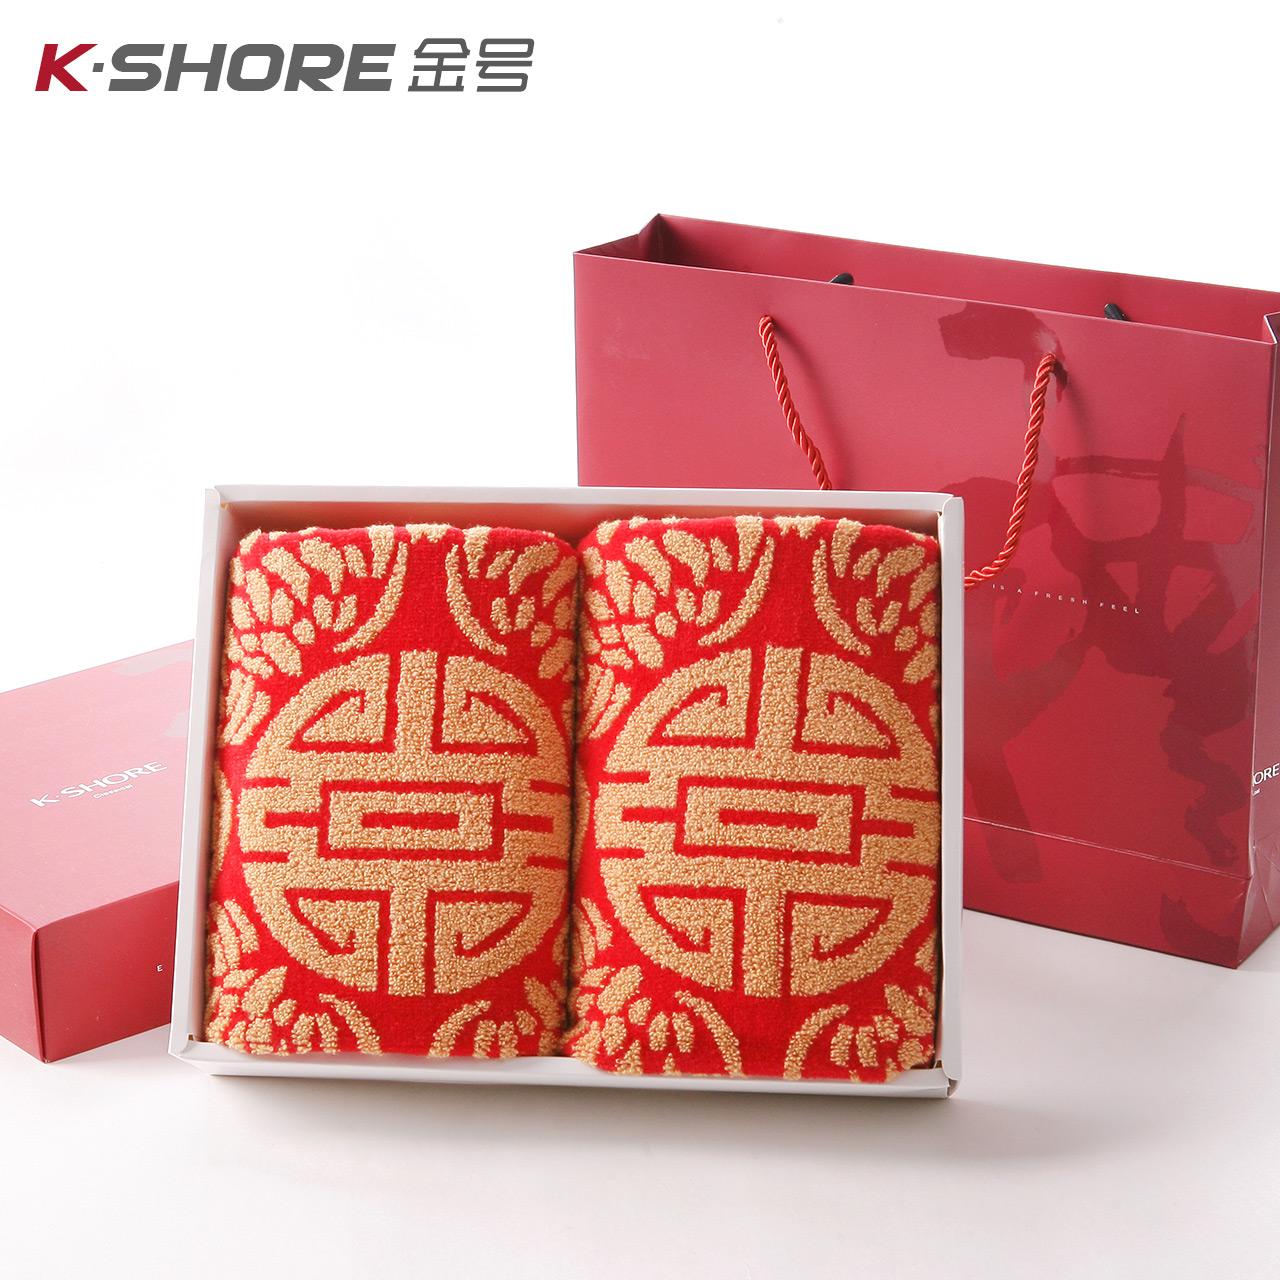 KING SHORE/金號金號純棉婚慶枕巾兩條裝禮盒裝 囍福字 無捻紗